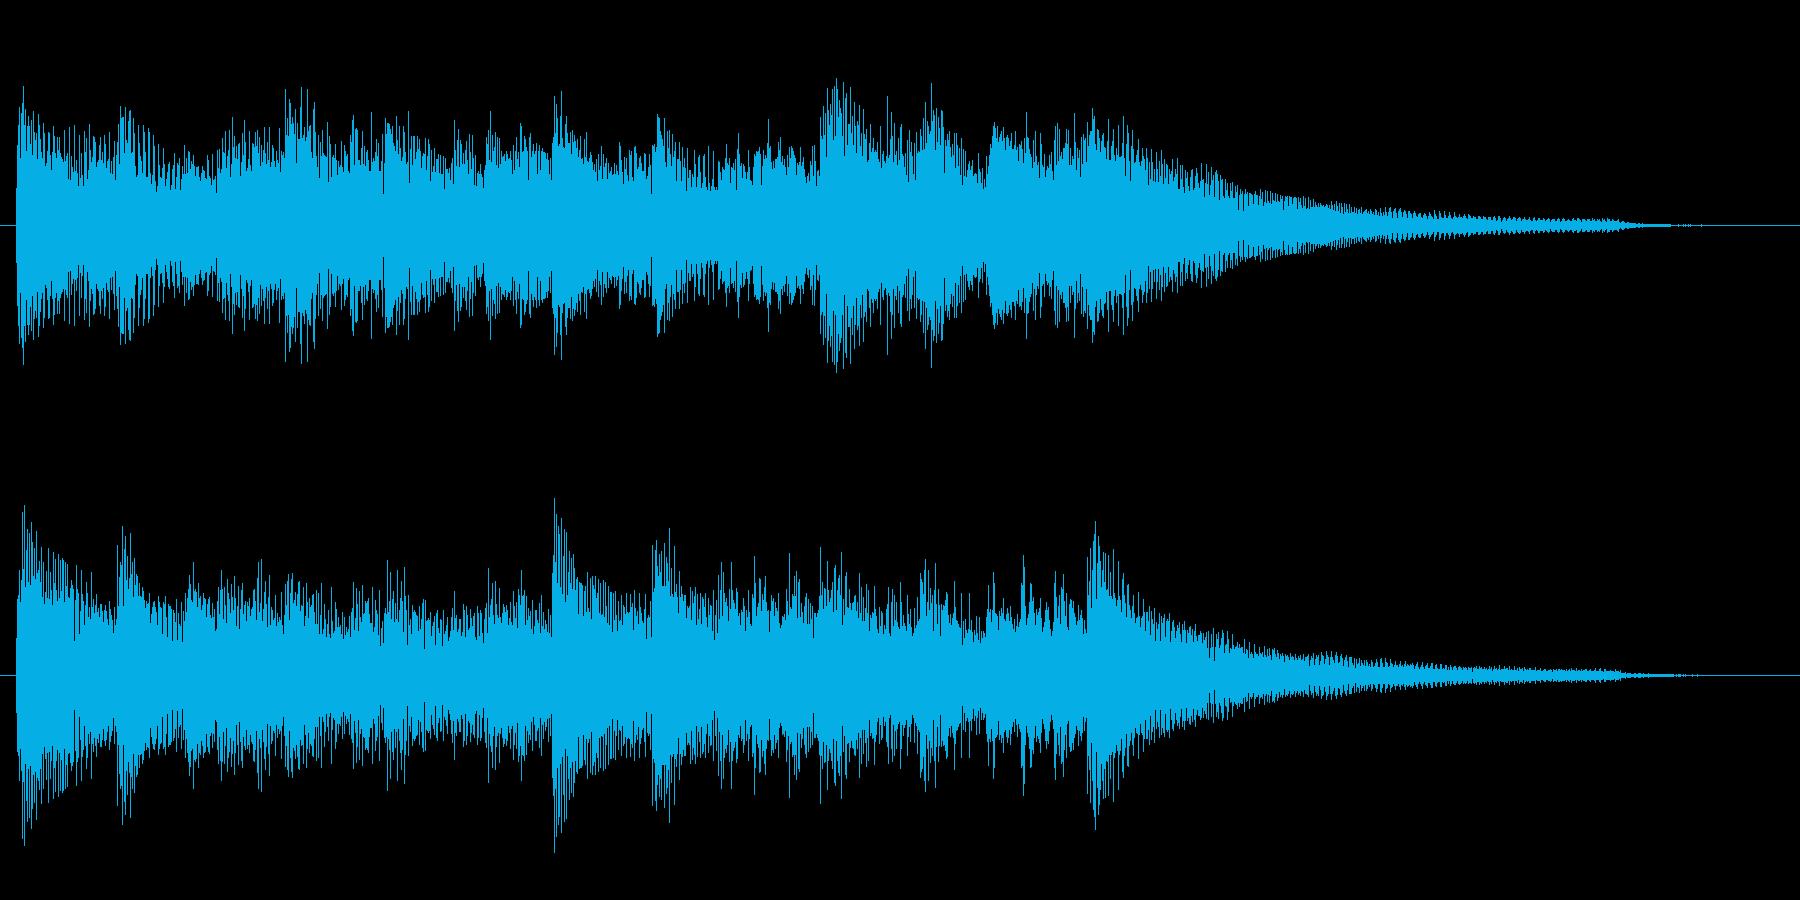 明るく希望を感じるピアノジングル 9秒の再生済みの波形